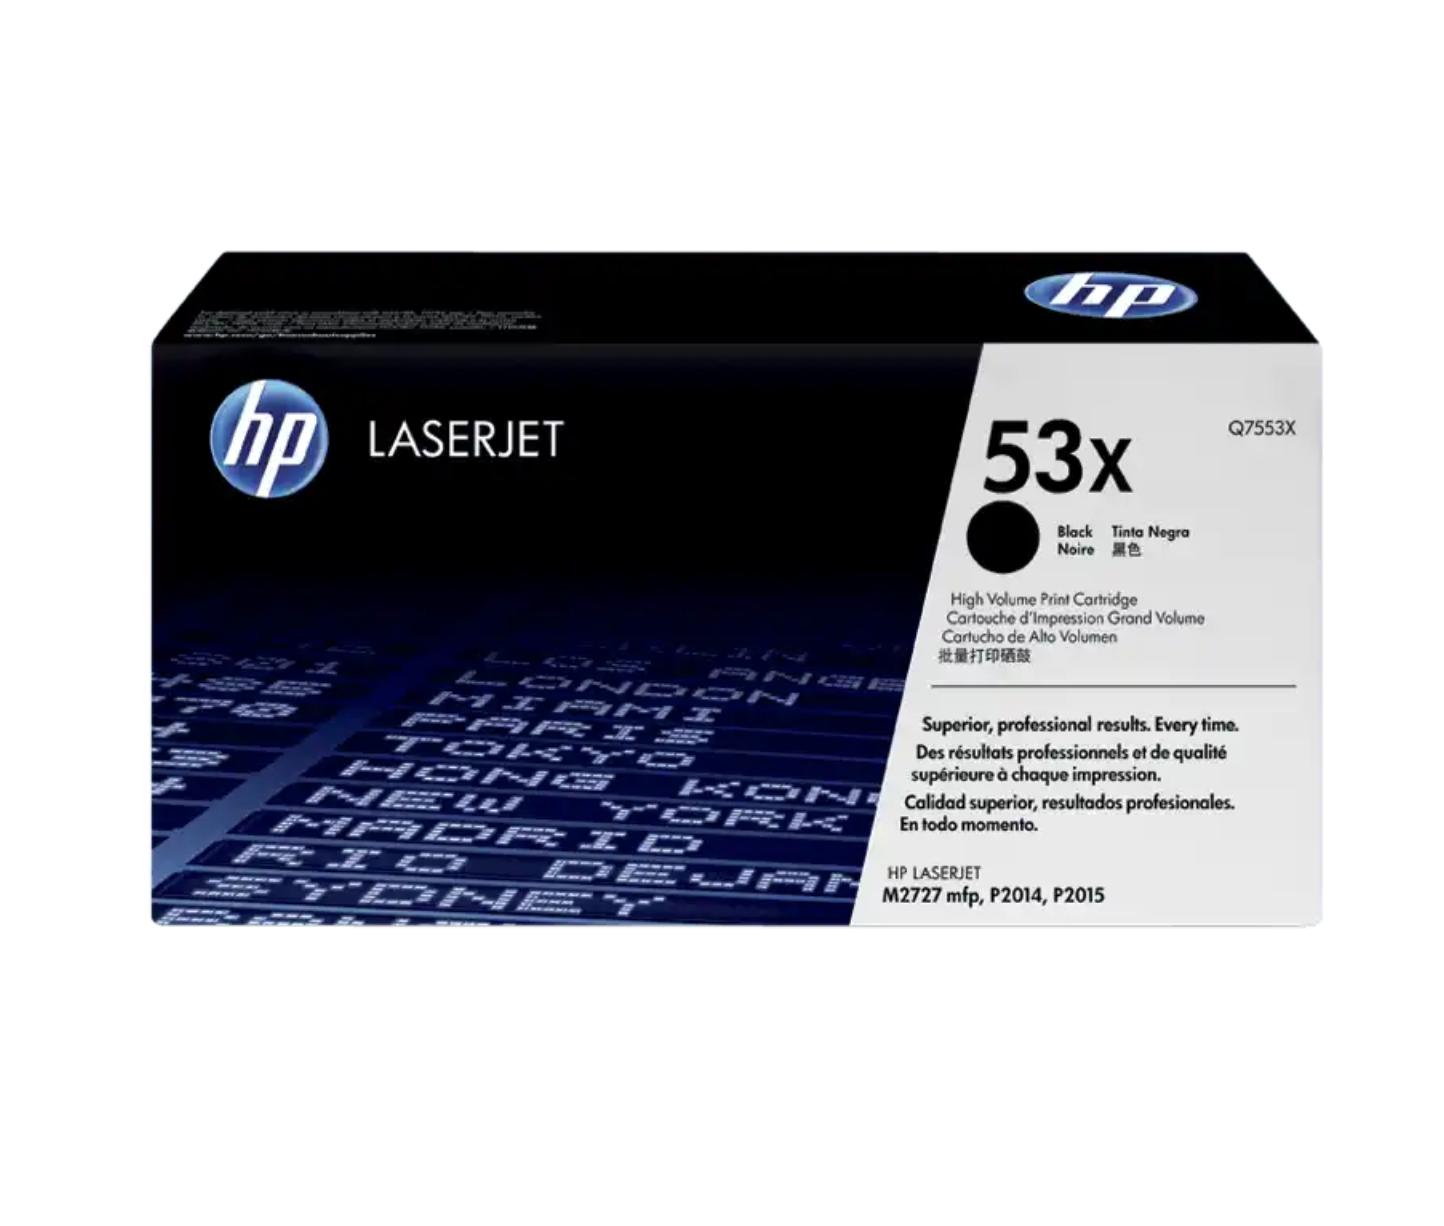 HP 53X 黑色原廠 LaserJet 碳粉 Q7553X